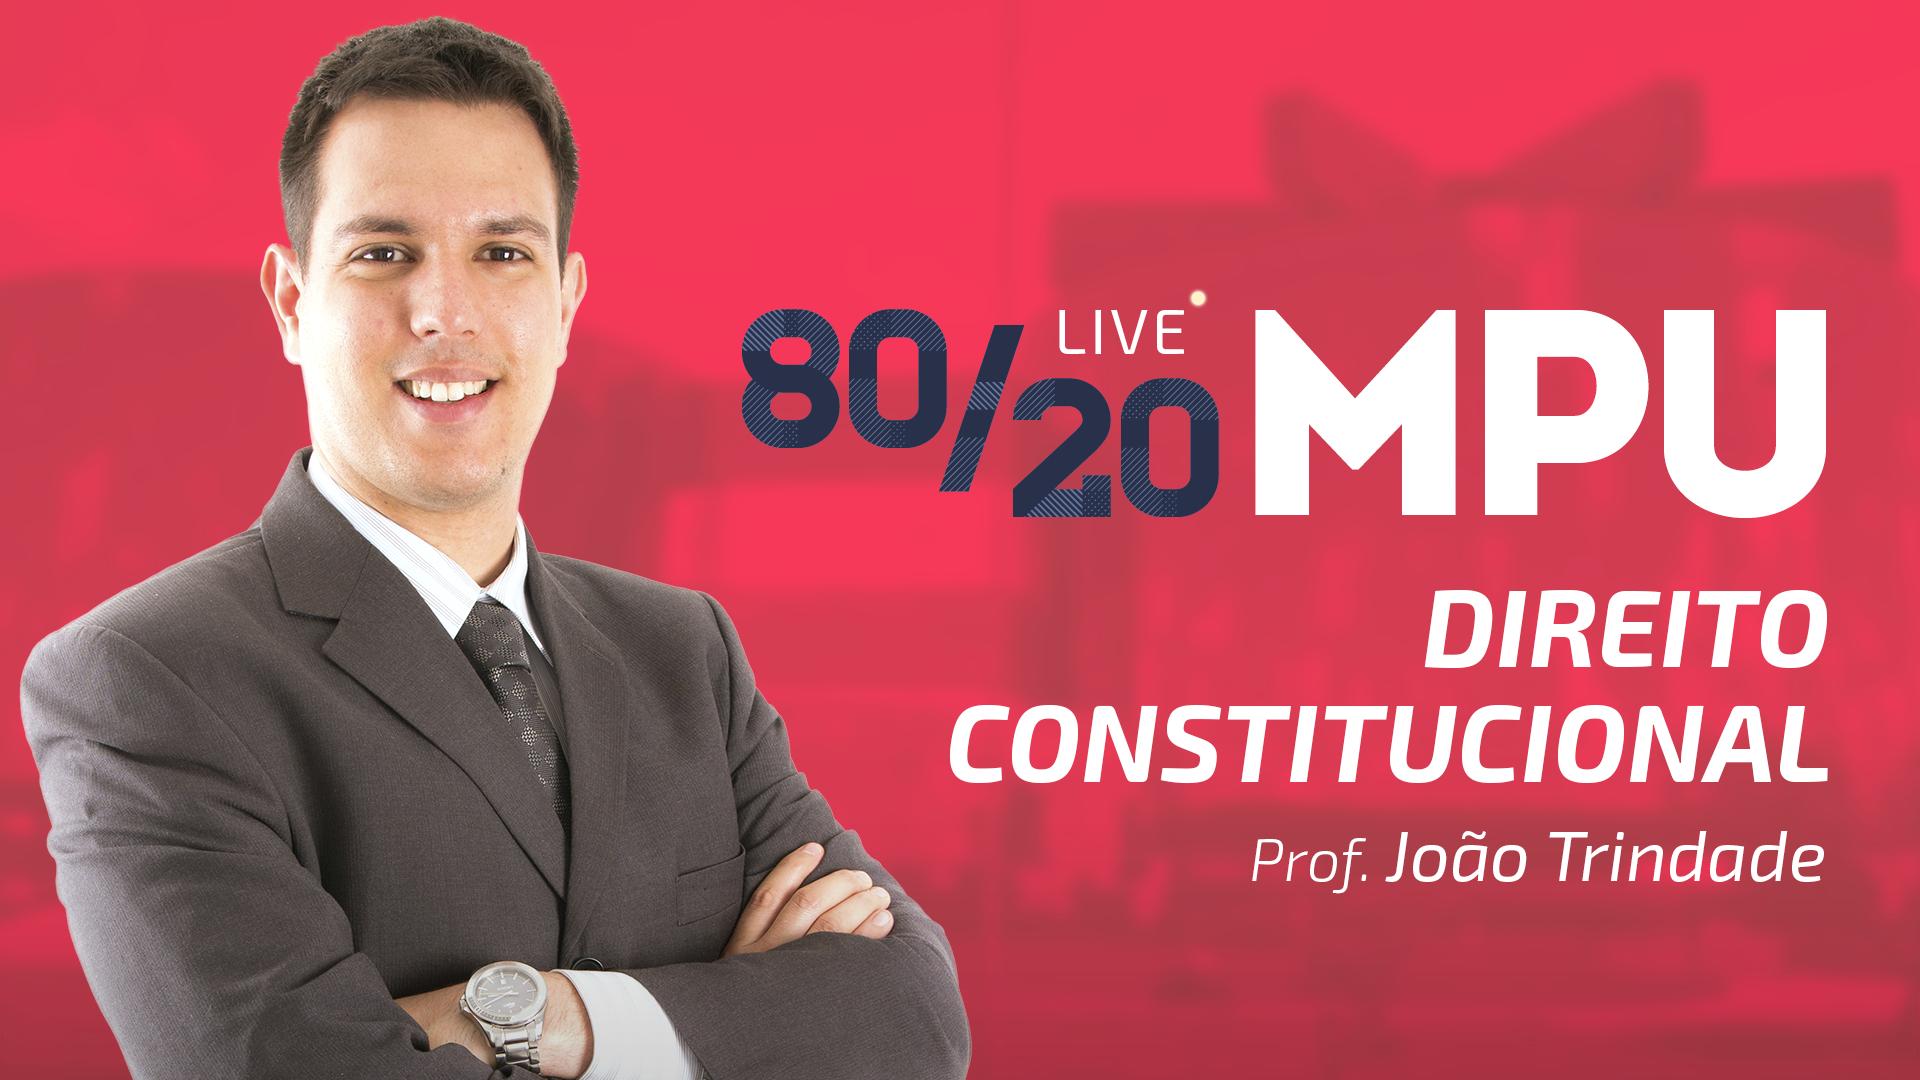 80/20 MPU Direito Constitucional para Técnico e Analista